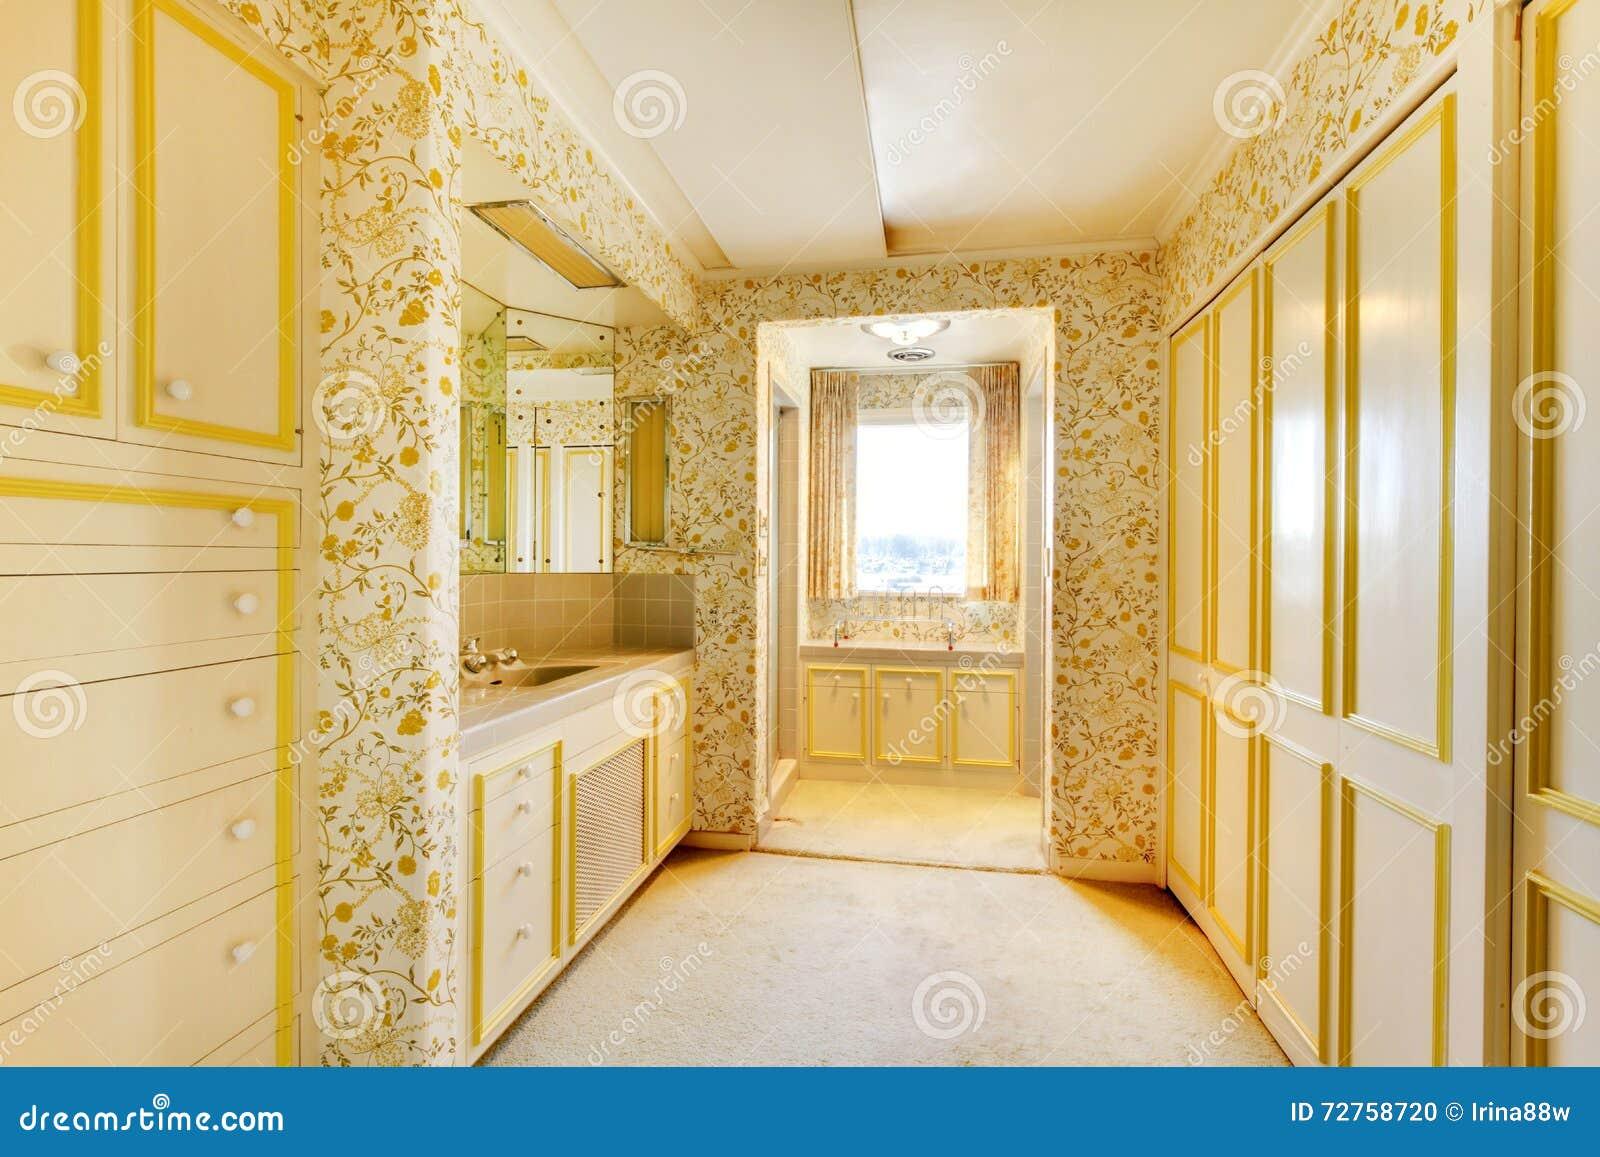 Antik badruminre för gammalt klassiskt amerikanskt hus med tapeten och matta